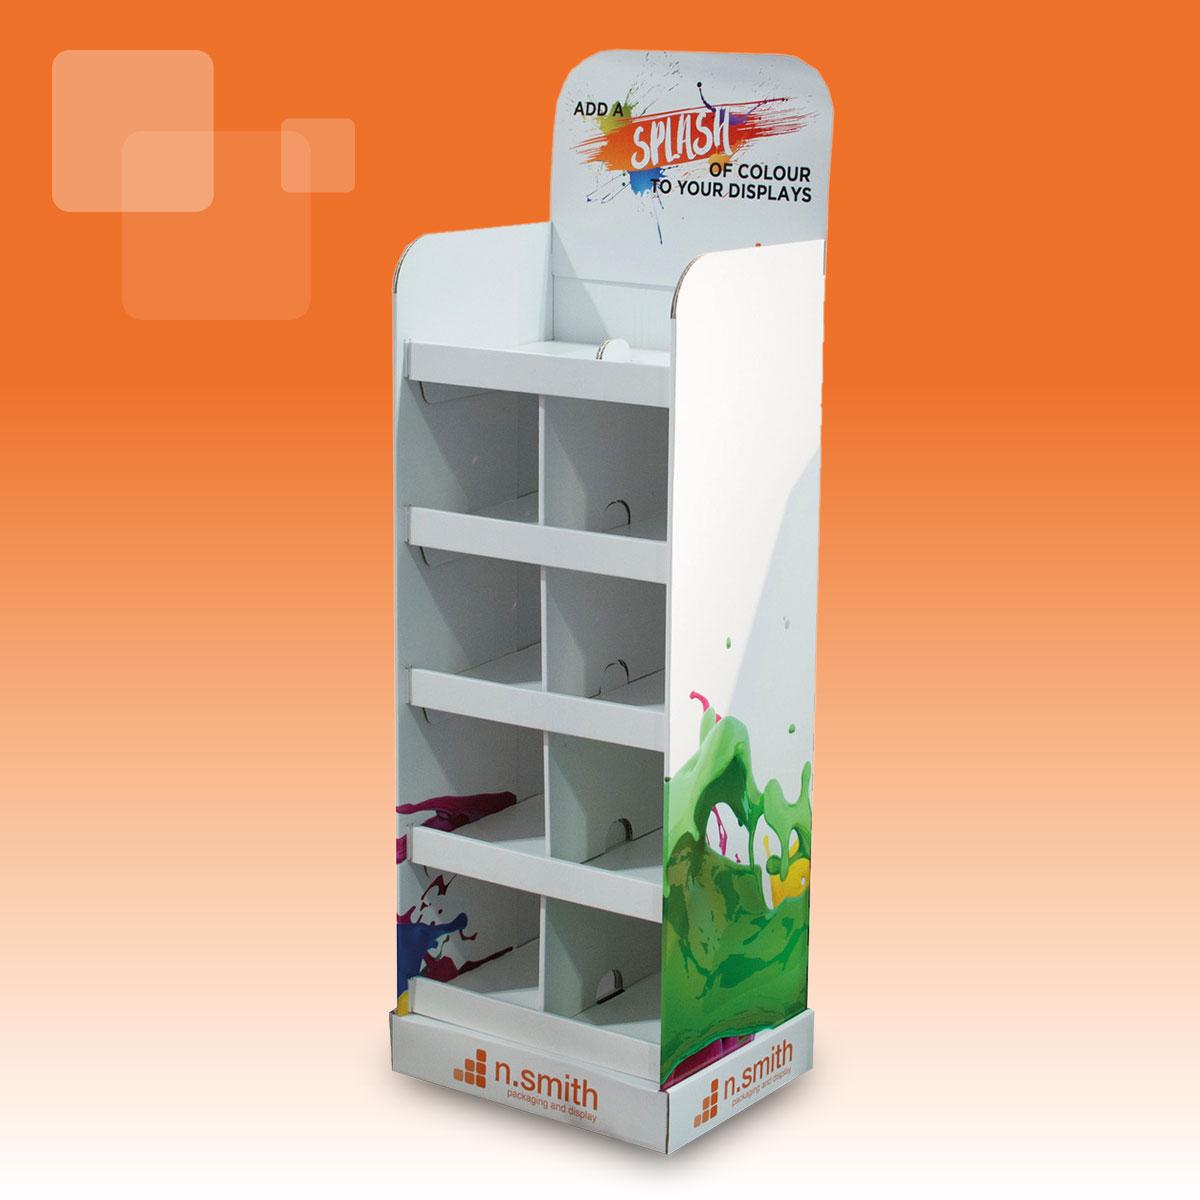 n smith cardboard packaging oldbury point of sale printed display fsdu floor standing unit gallery card greeting